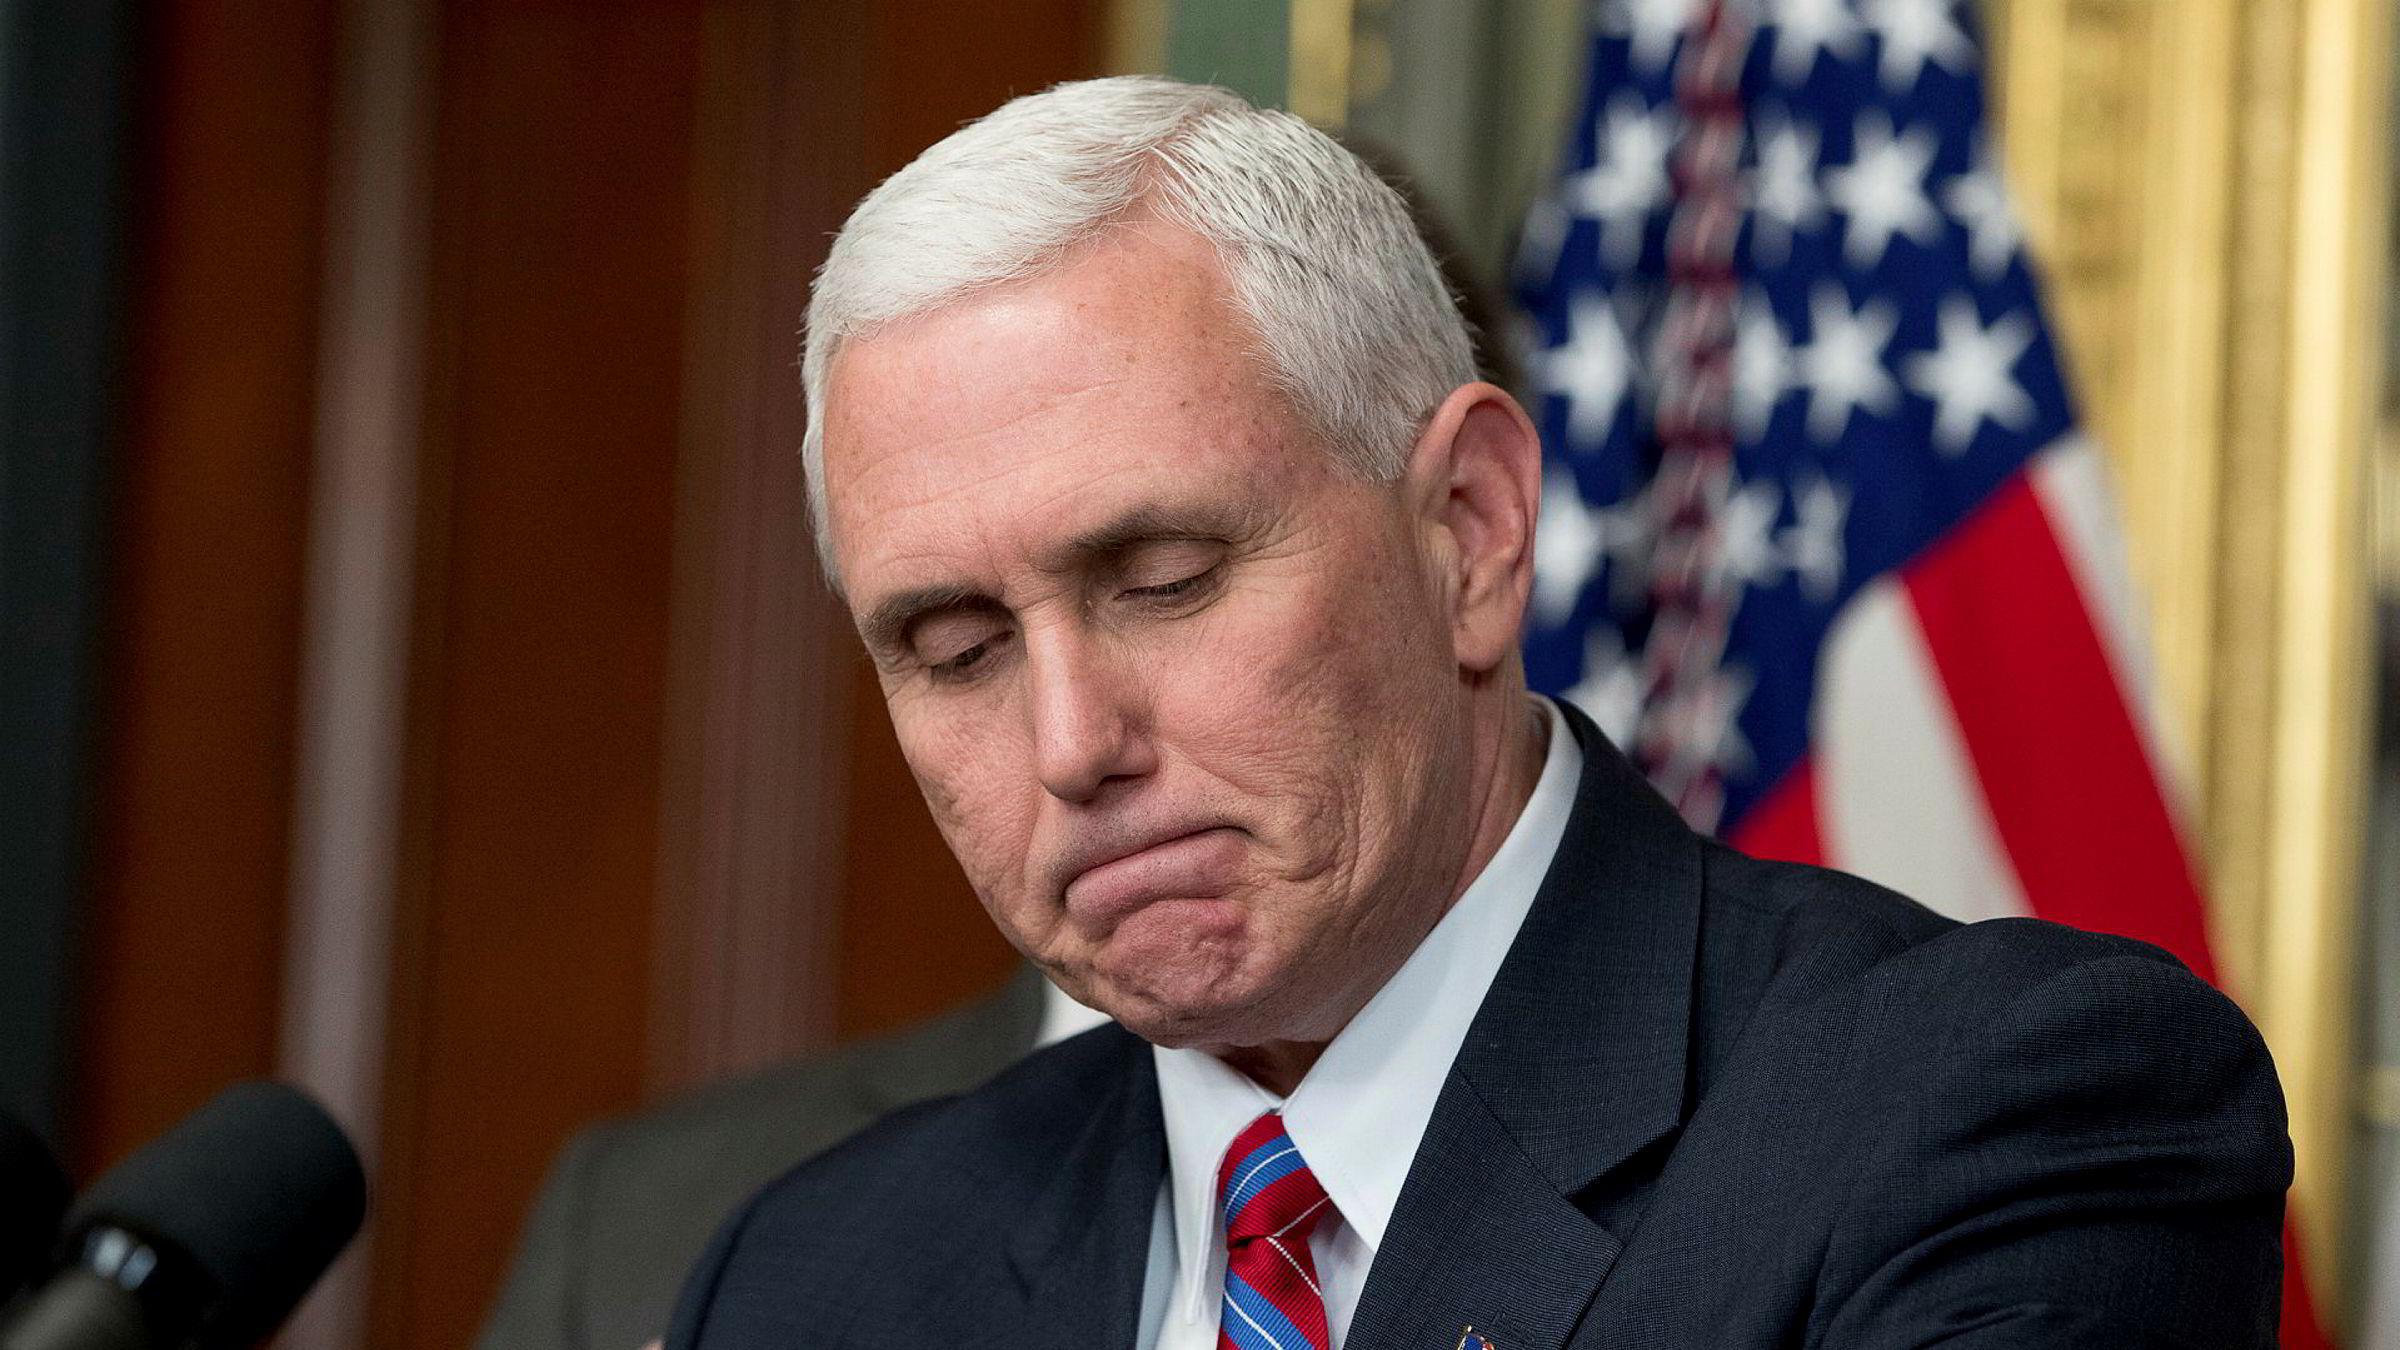 Mens han var guvernør i Indiana, skal Mike Pence ha brukt en privat epostkonto til å diskutere sensitive opplysninger.